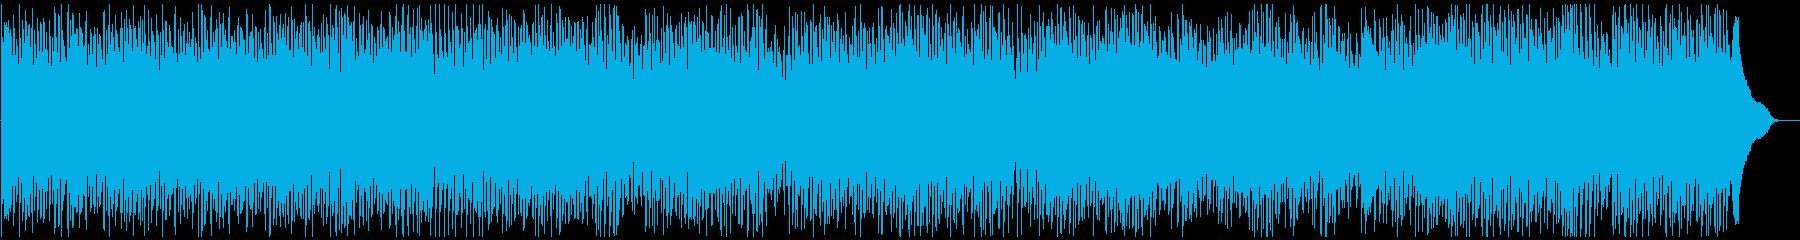 レトロ感漂うR&Bの再生済みの波形